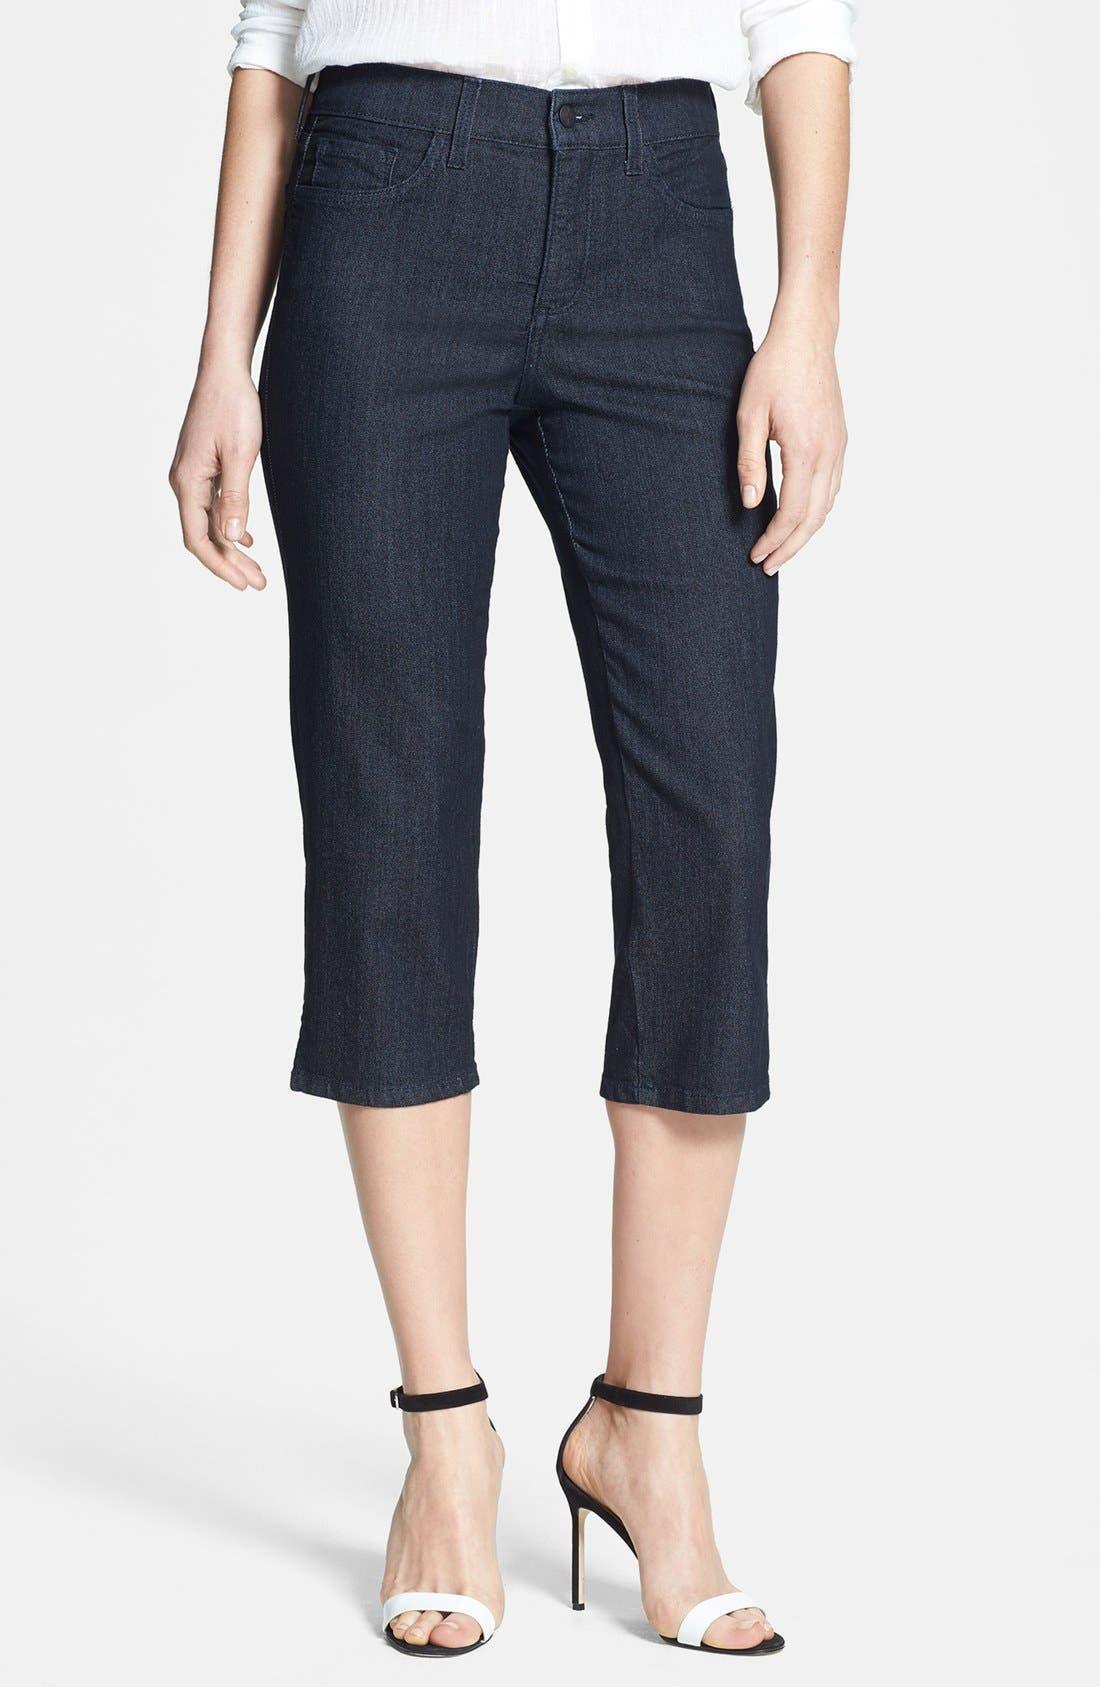 Alternate Image 1 Selected - NYDJ 'Hayden' Stretch Denim Crop Jeans (Dark Enzyme) (Petite)